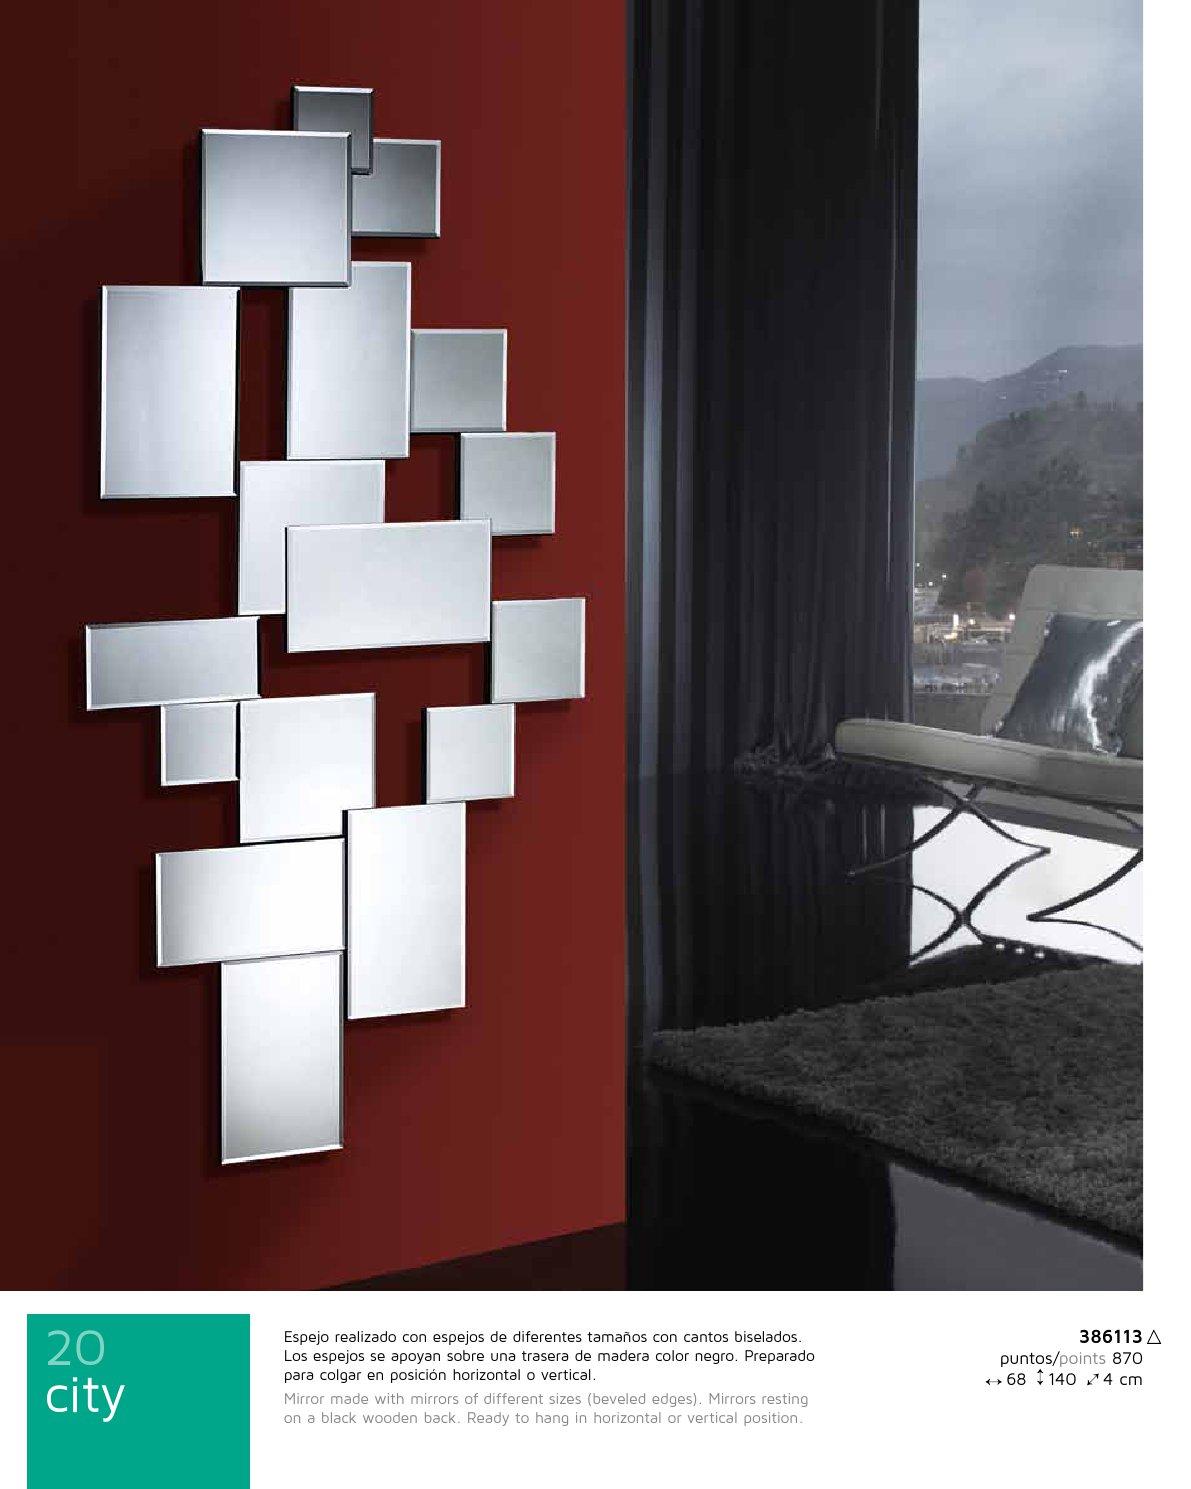 Schuller city espejo rectangular 68x140cm 386113 for Espejos minimalistas